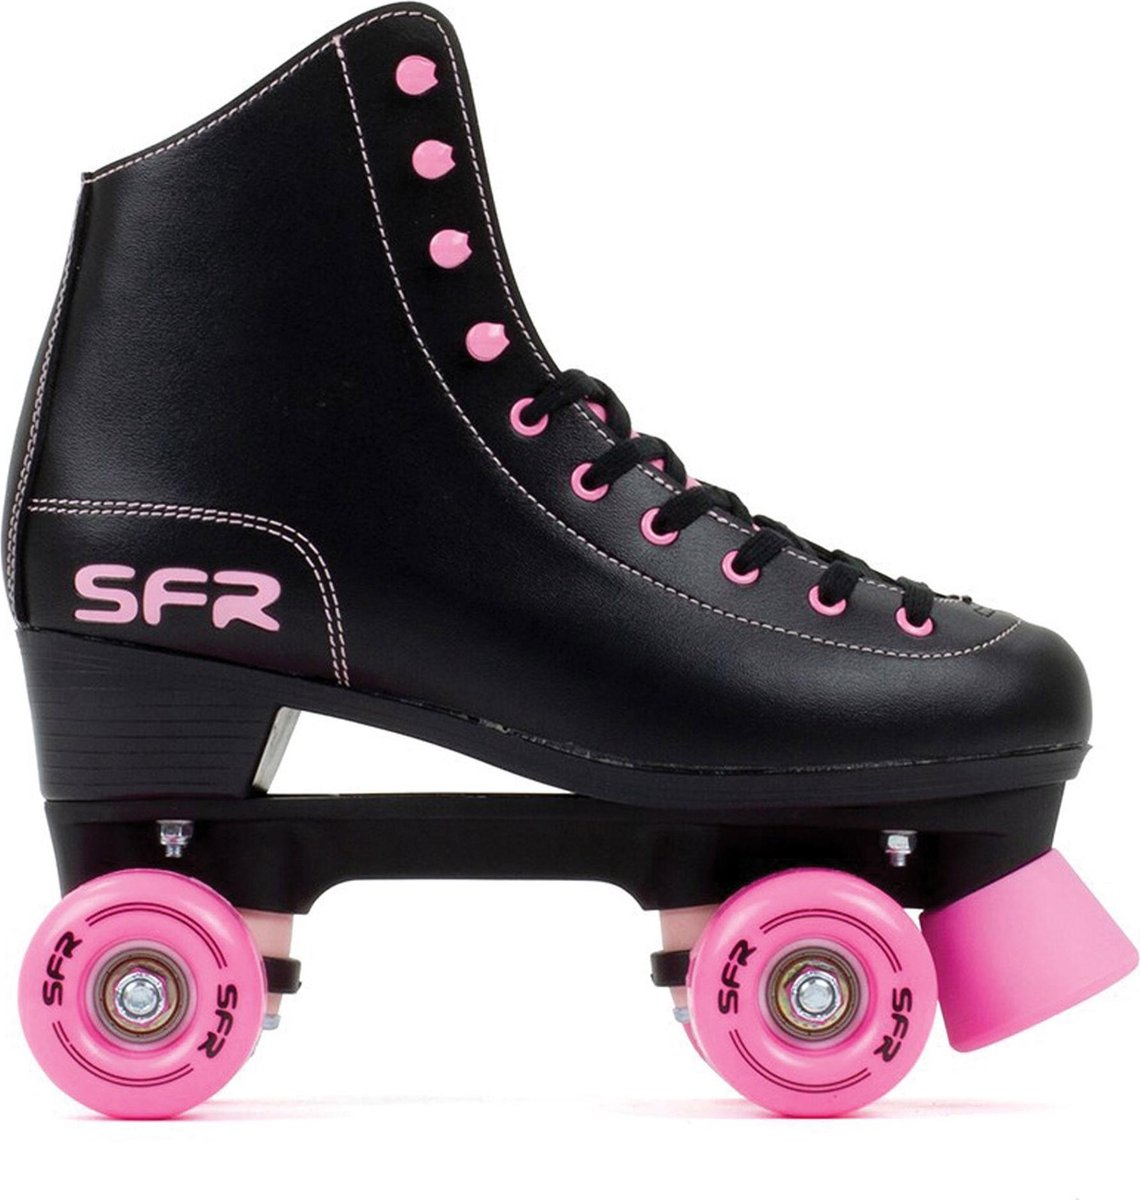 SFR Rolschaatsen - Maat 35.5Kinderen - Zwart/Roze